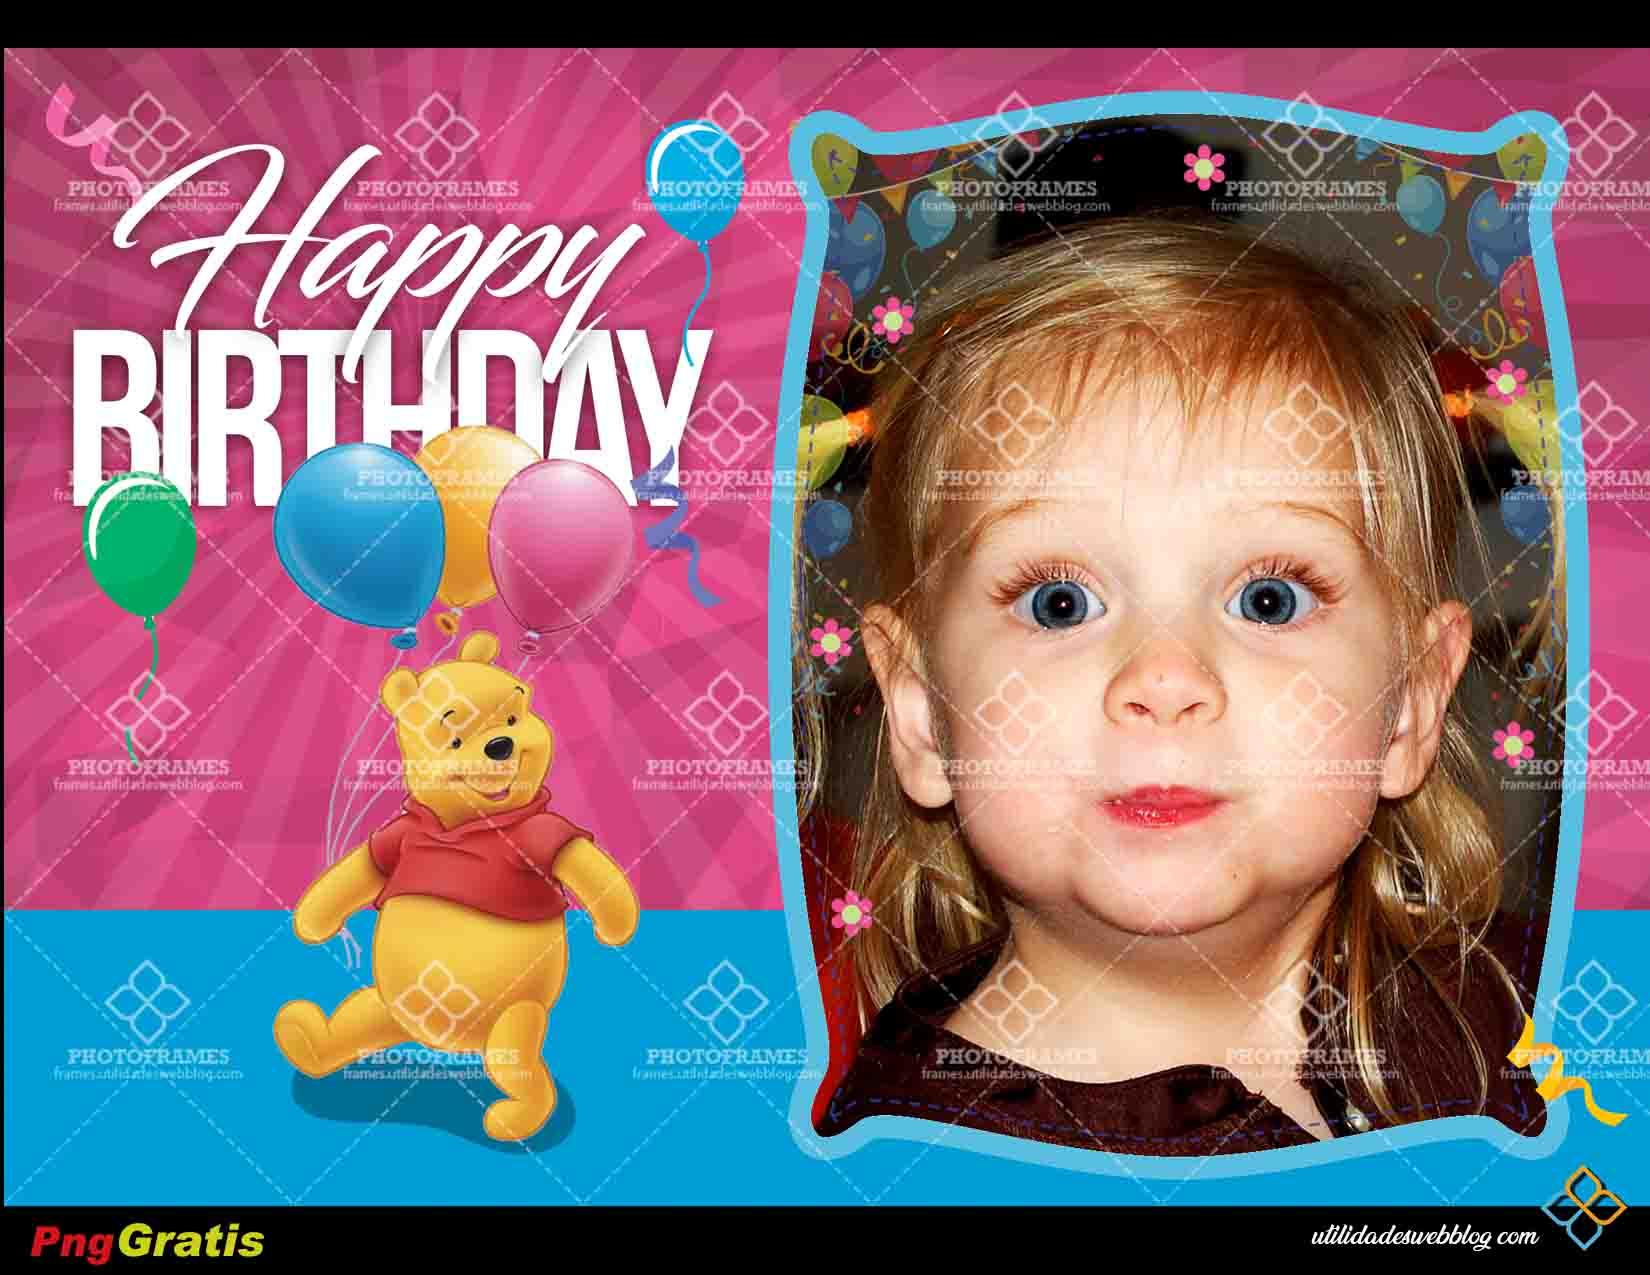 Marco de Winnie Pooh color azul y purpura para fotos de cumpleaños